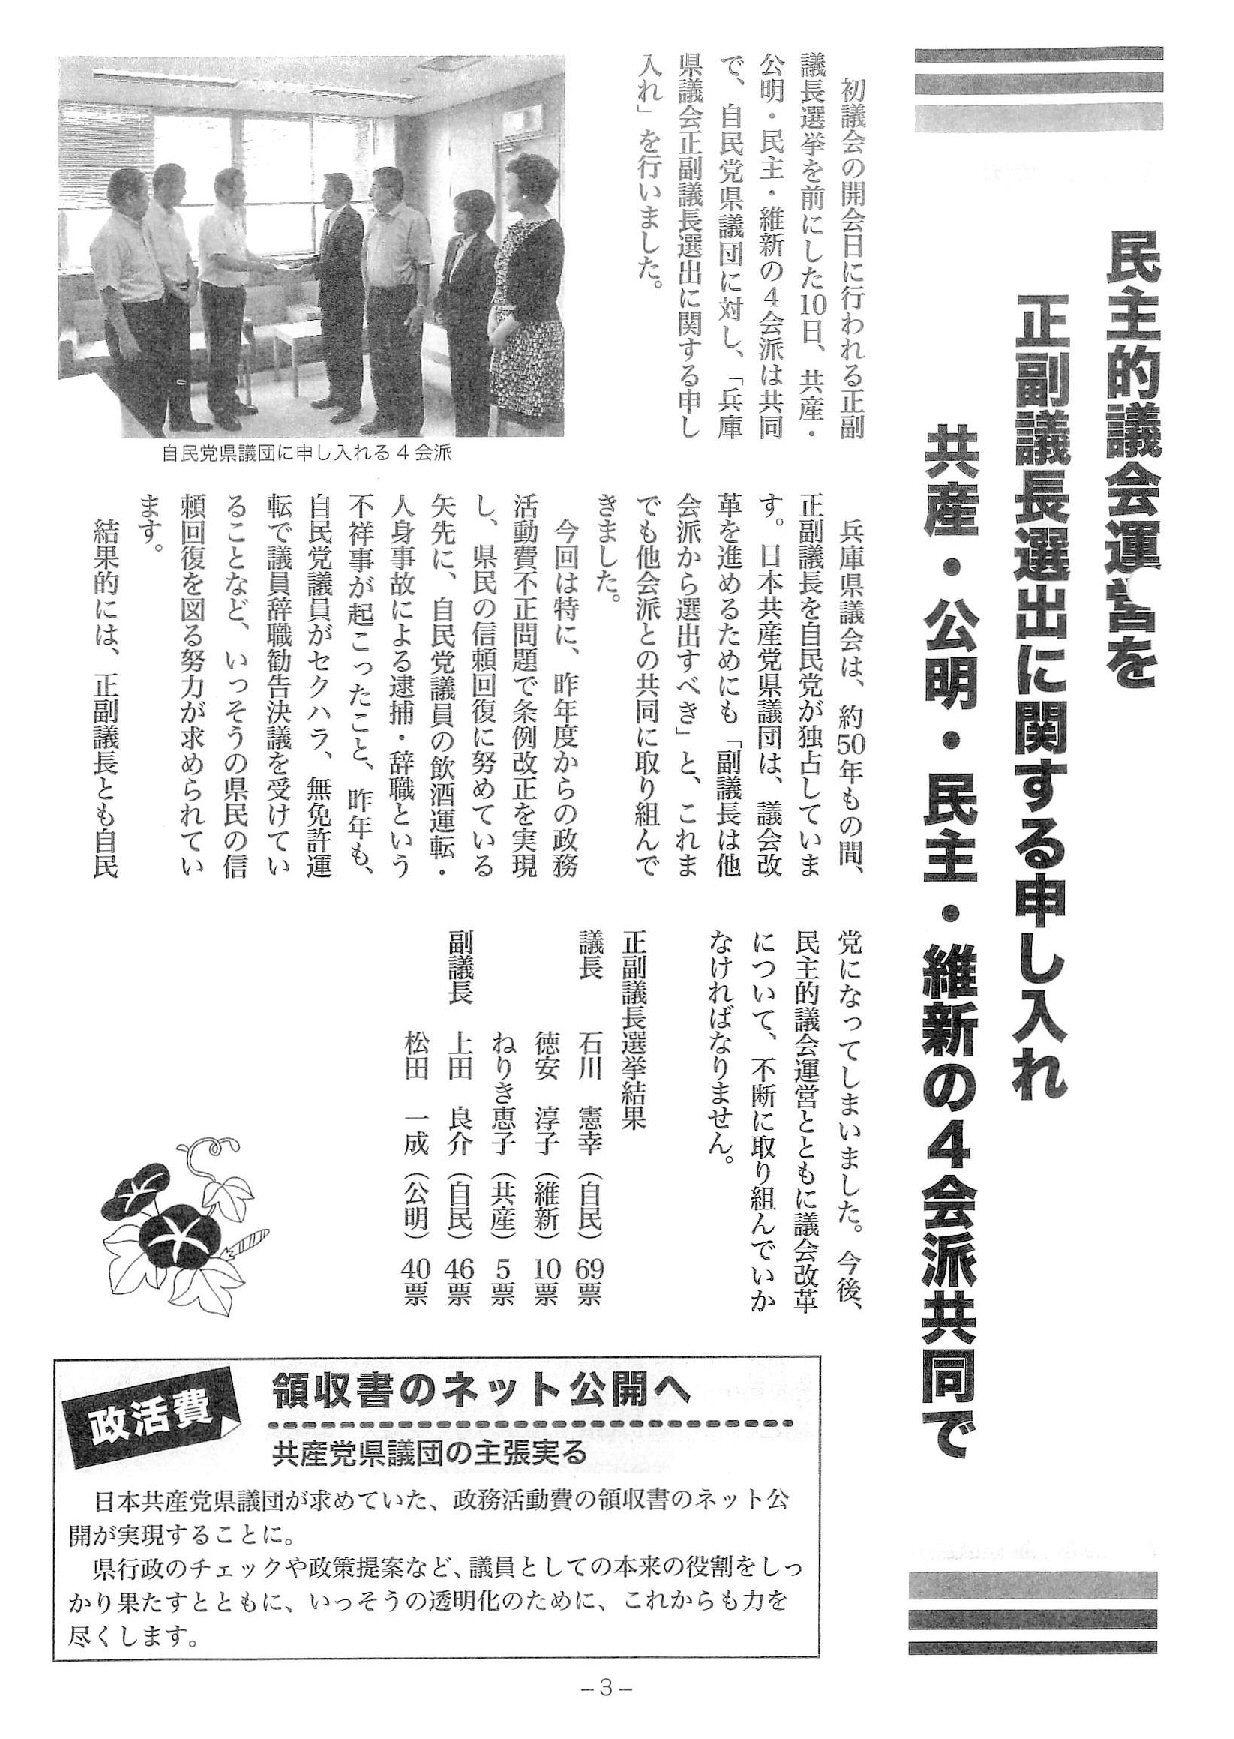 えつこ通信 №1 2015年7月_b0253602_18280948.jpg